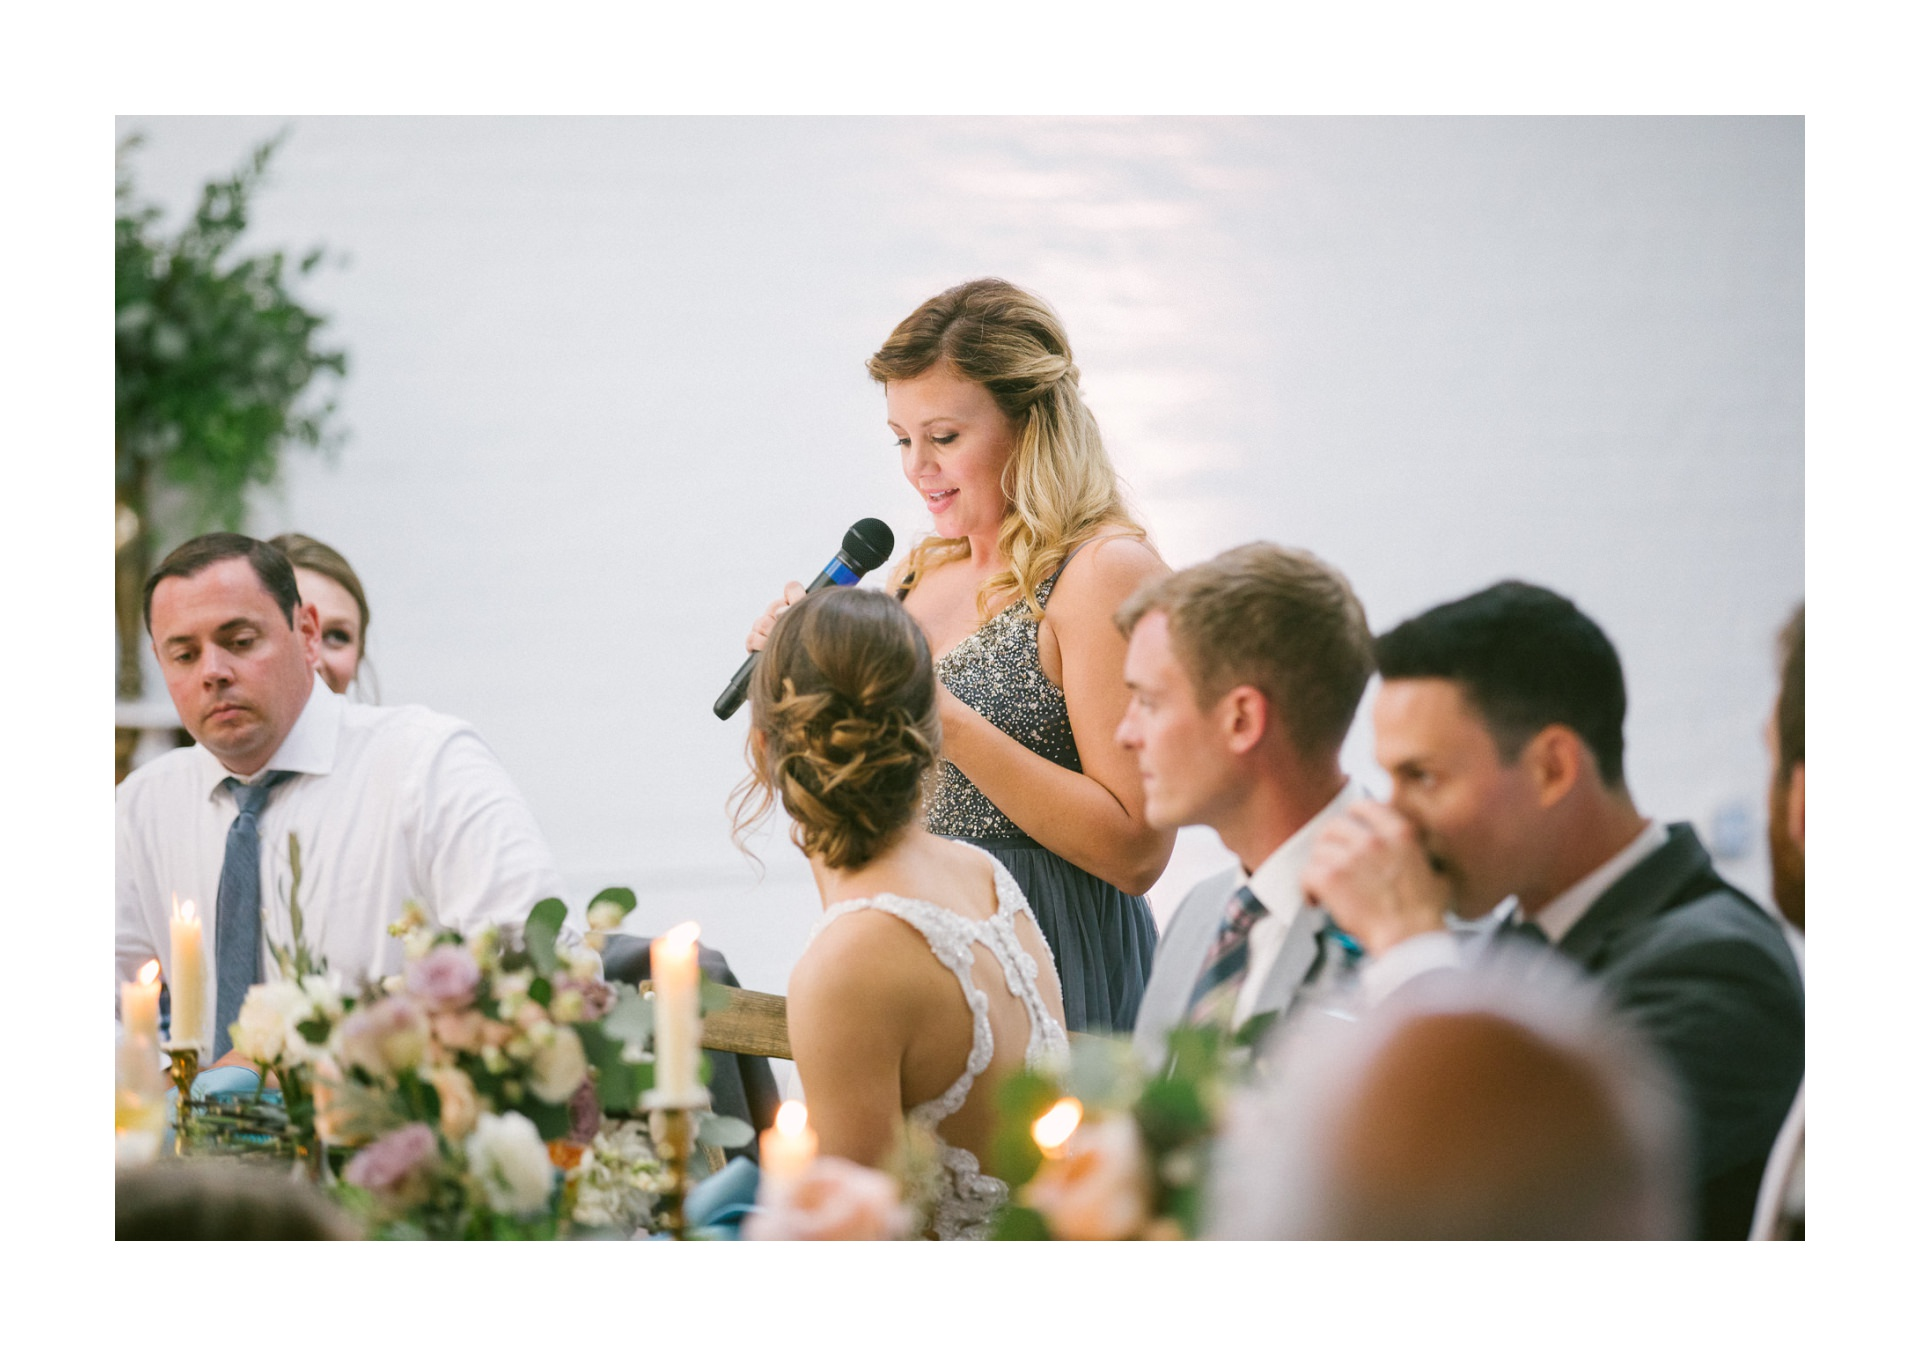 The Madison Wedding Venue Cleveland Wedding Photographer 00215.JPG